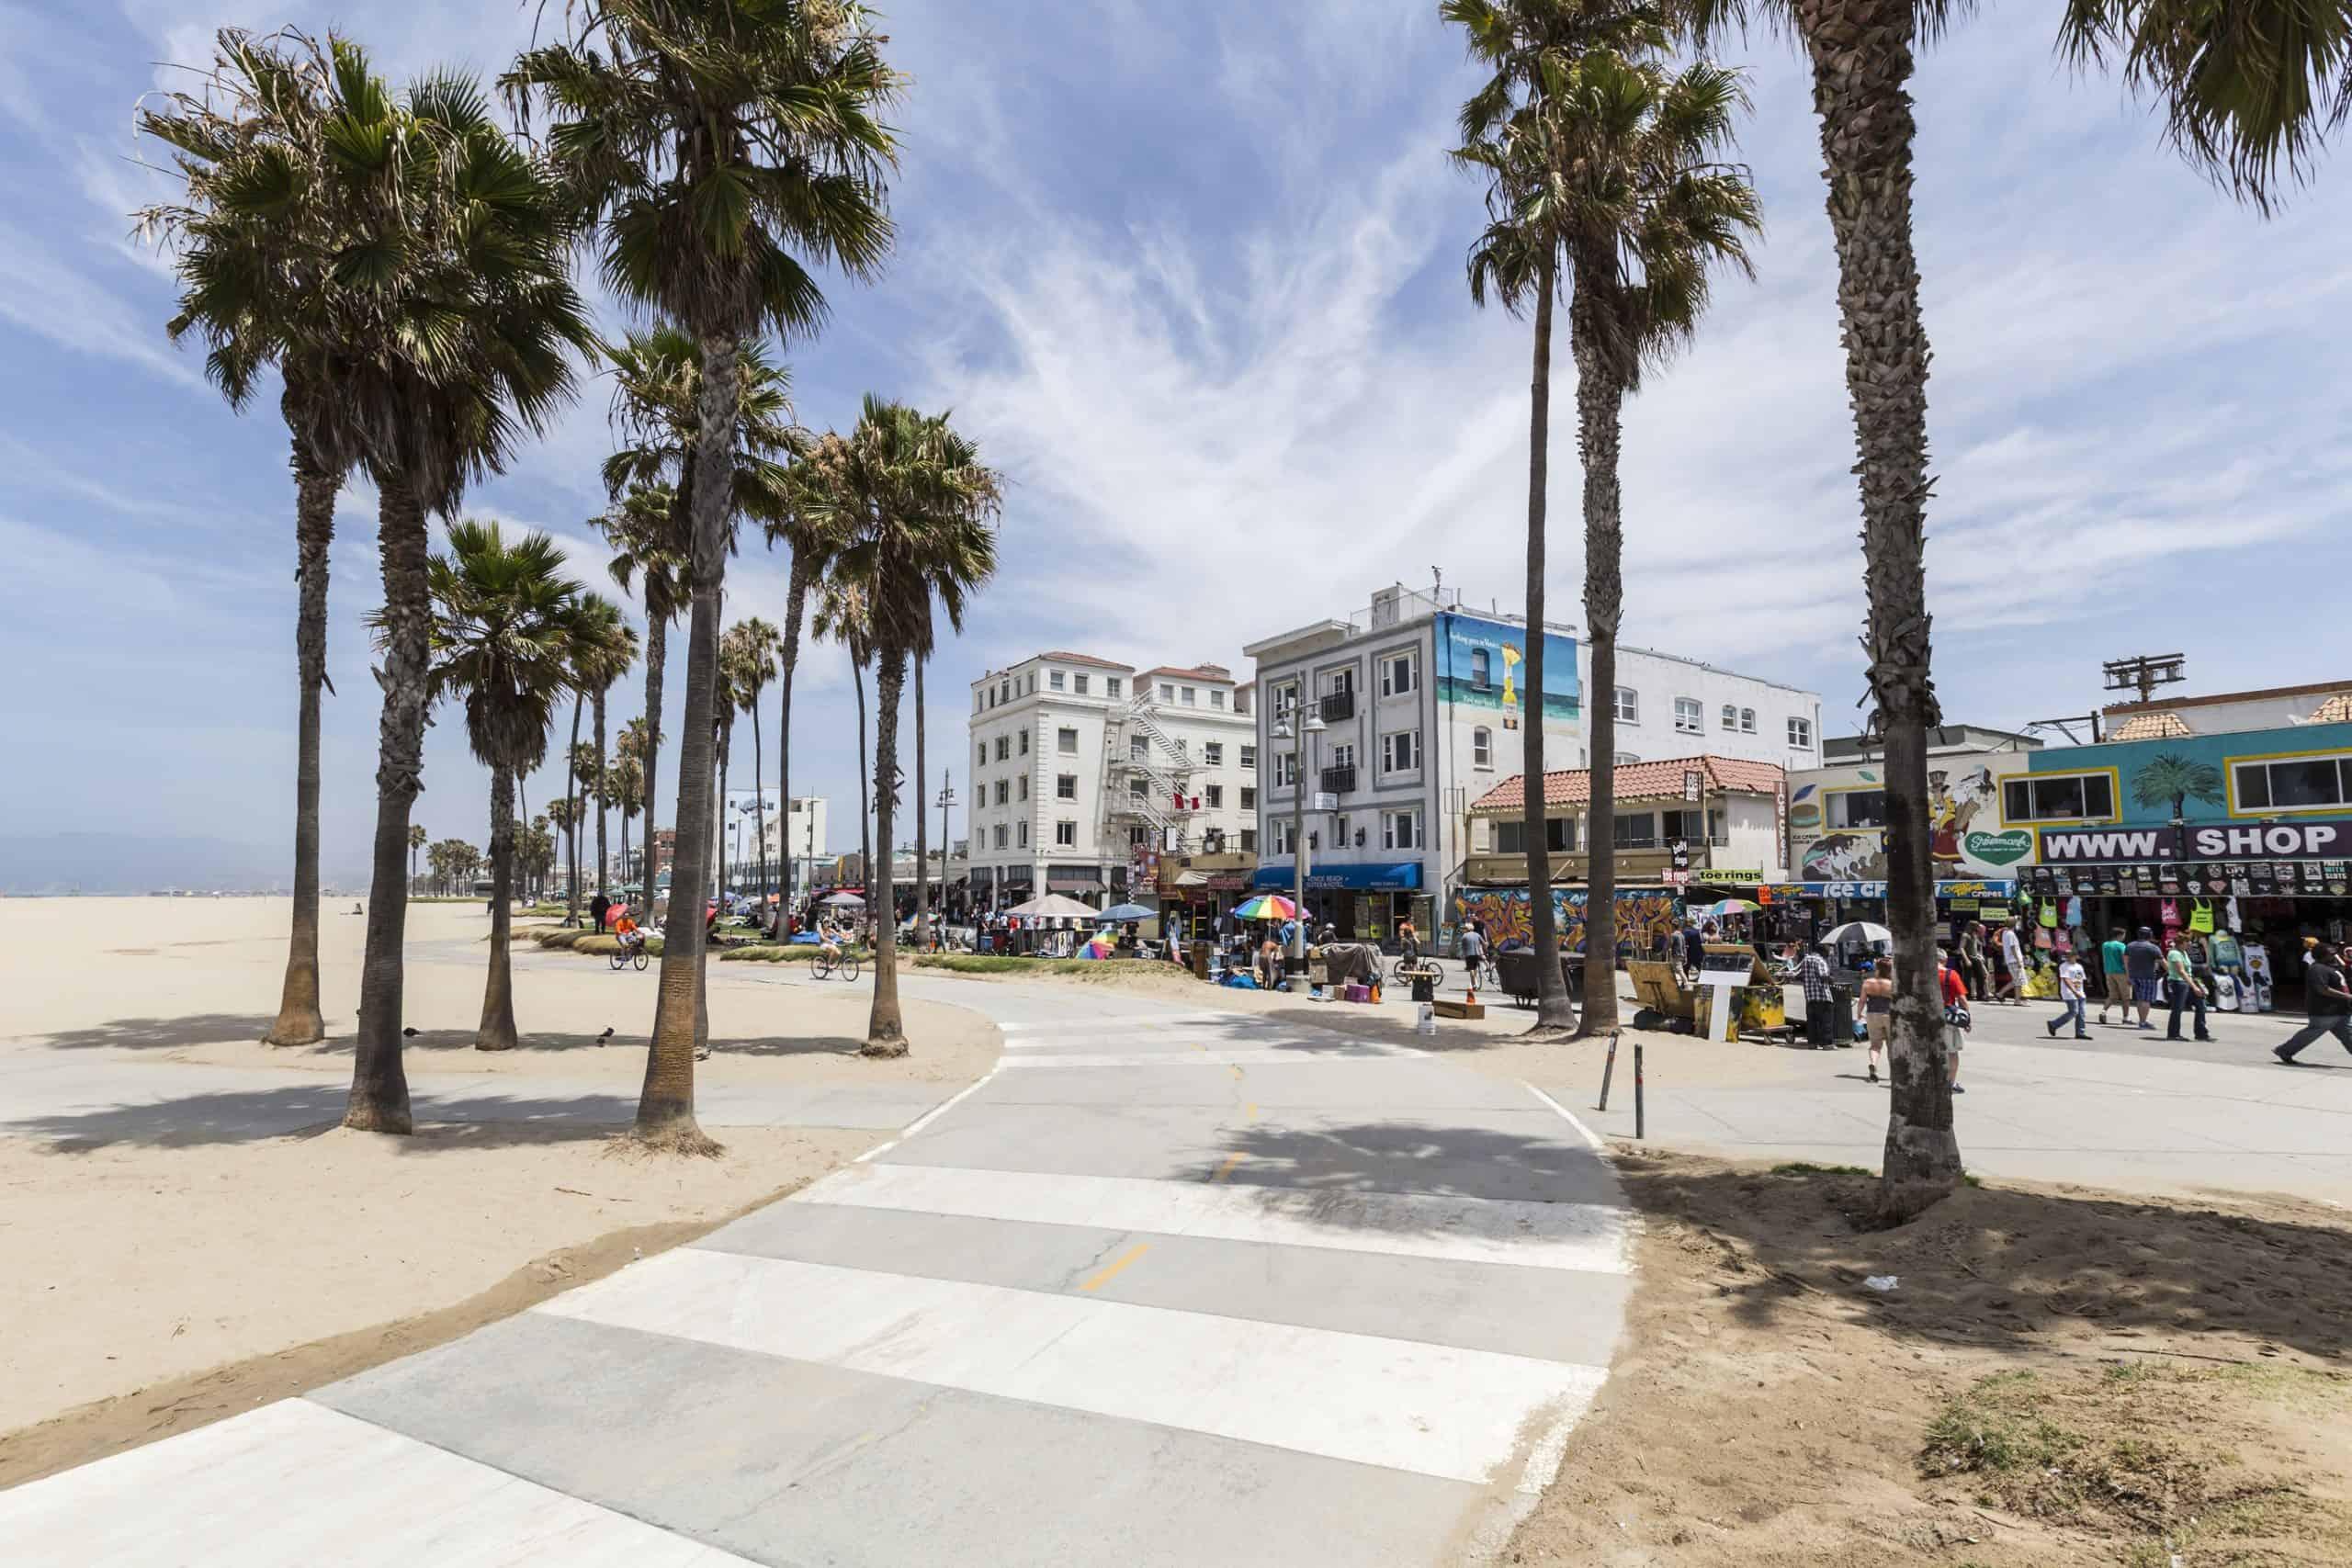 Venice Beach boardwalk in Southern California.